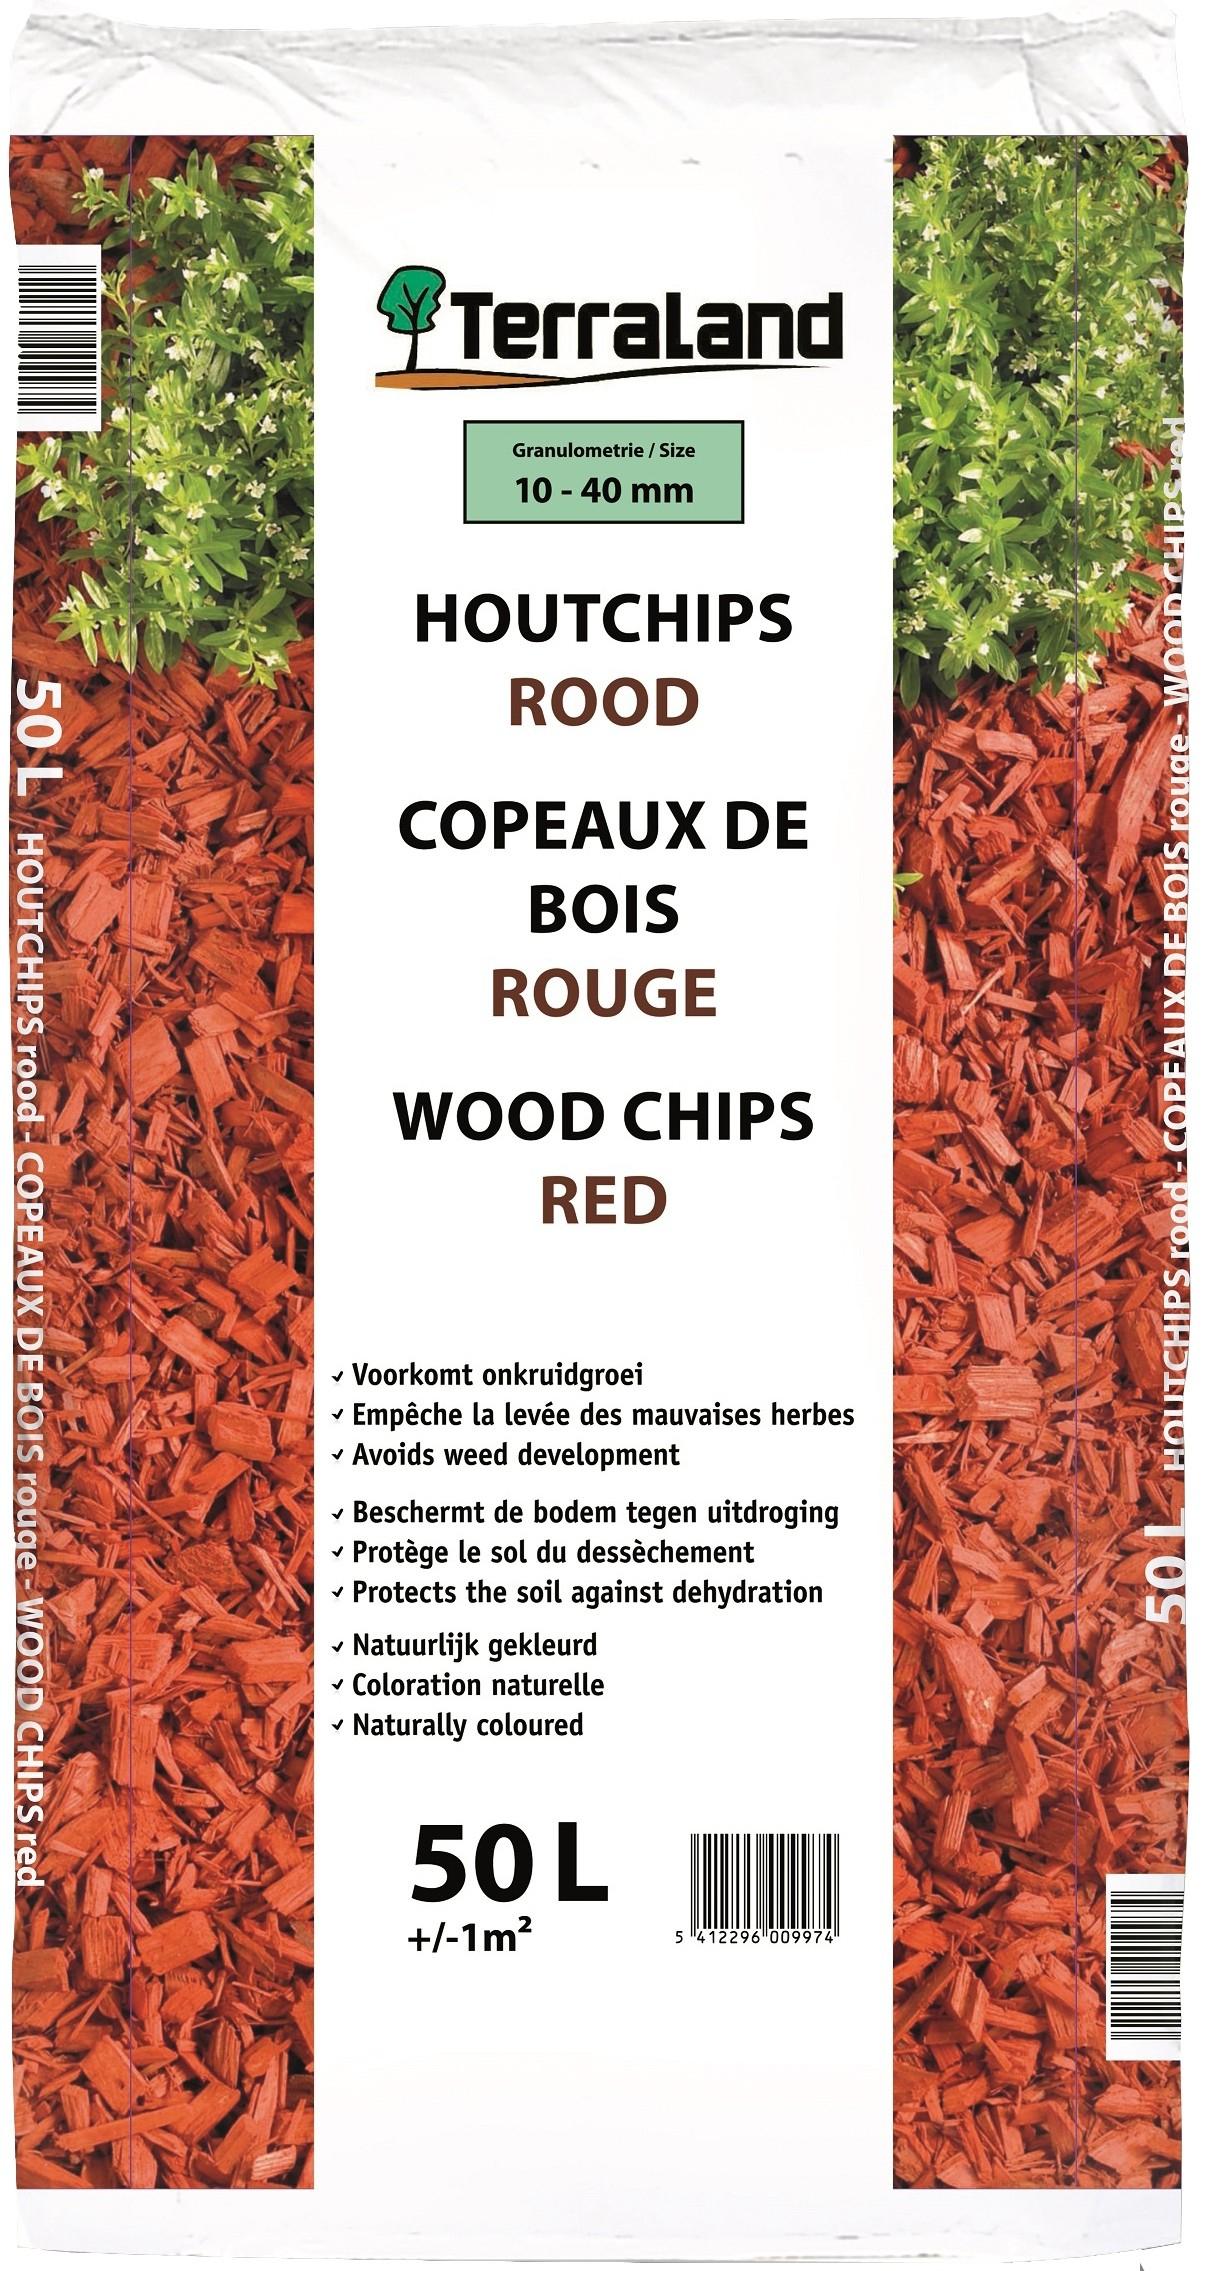 Copeaux De Bois Rouge 50 L Terraland - Mr.bricolage encequiconcerne Copeaux De Bois Jardin